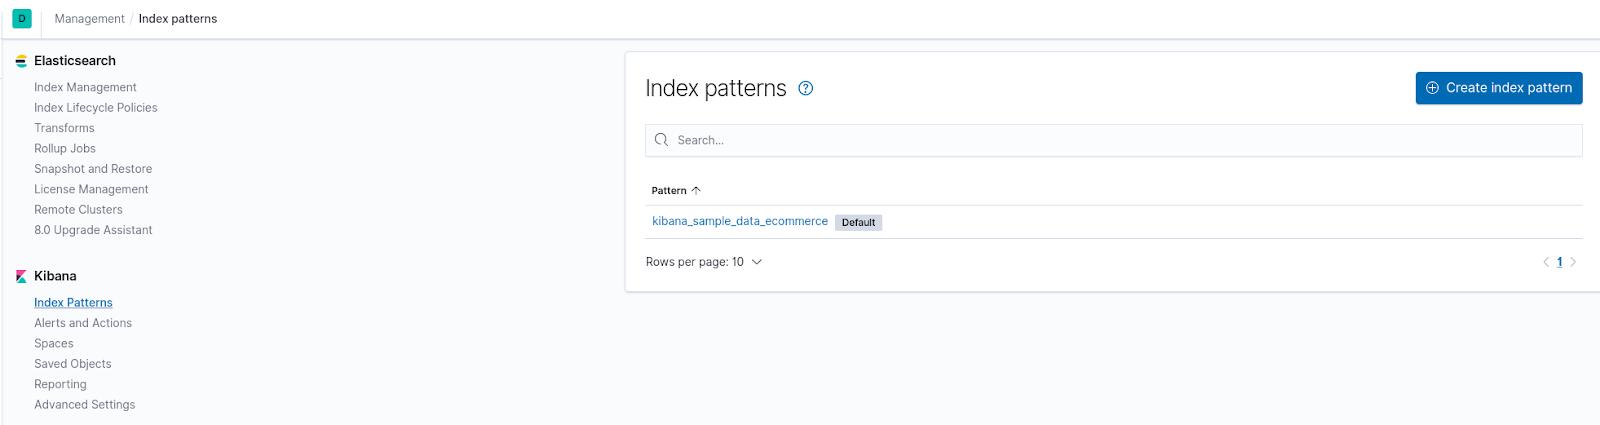 Index Patterns